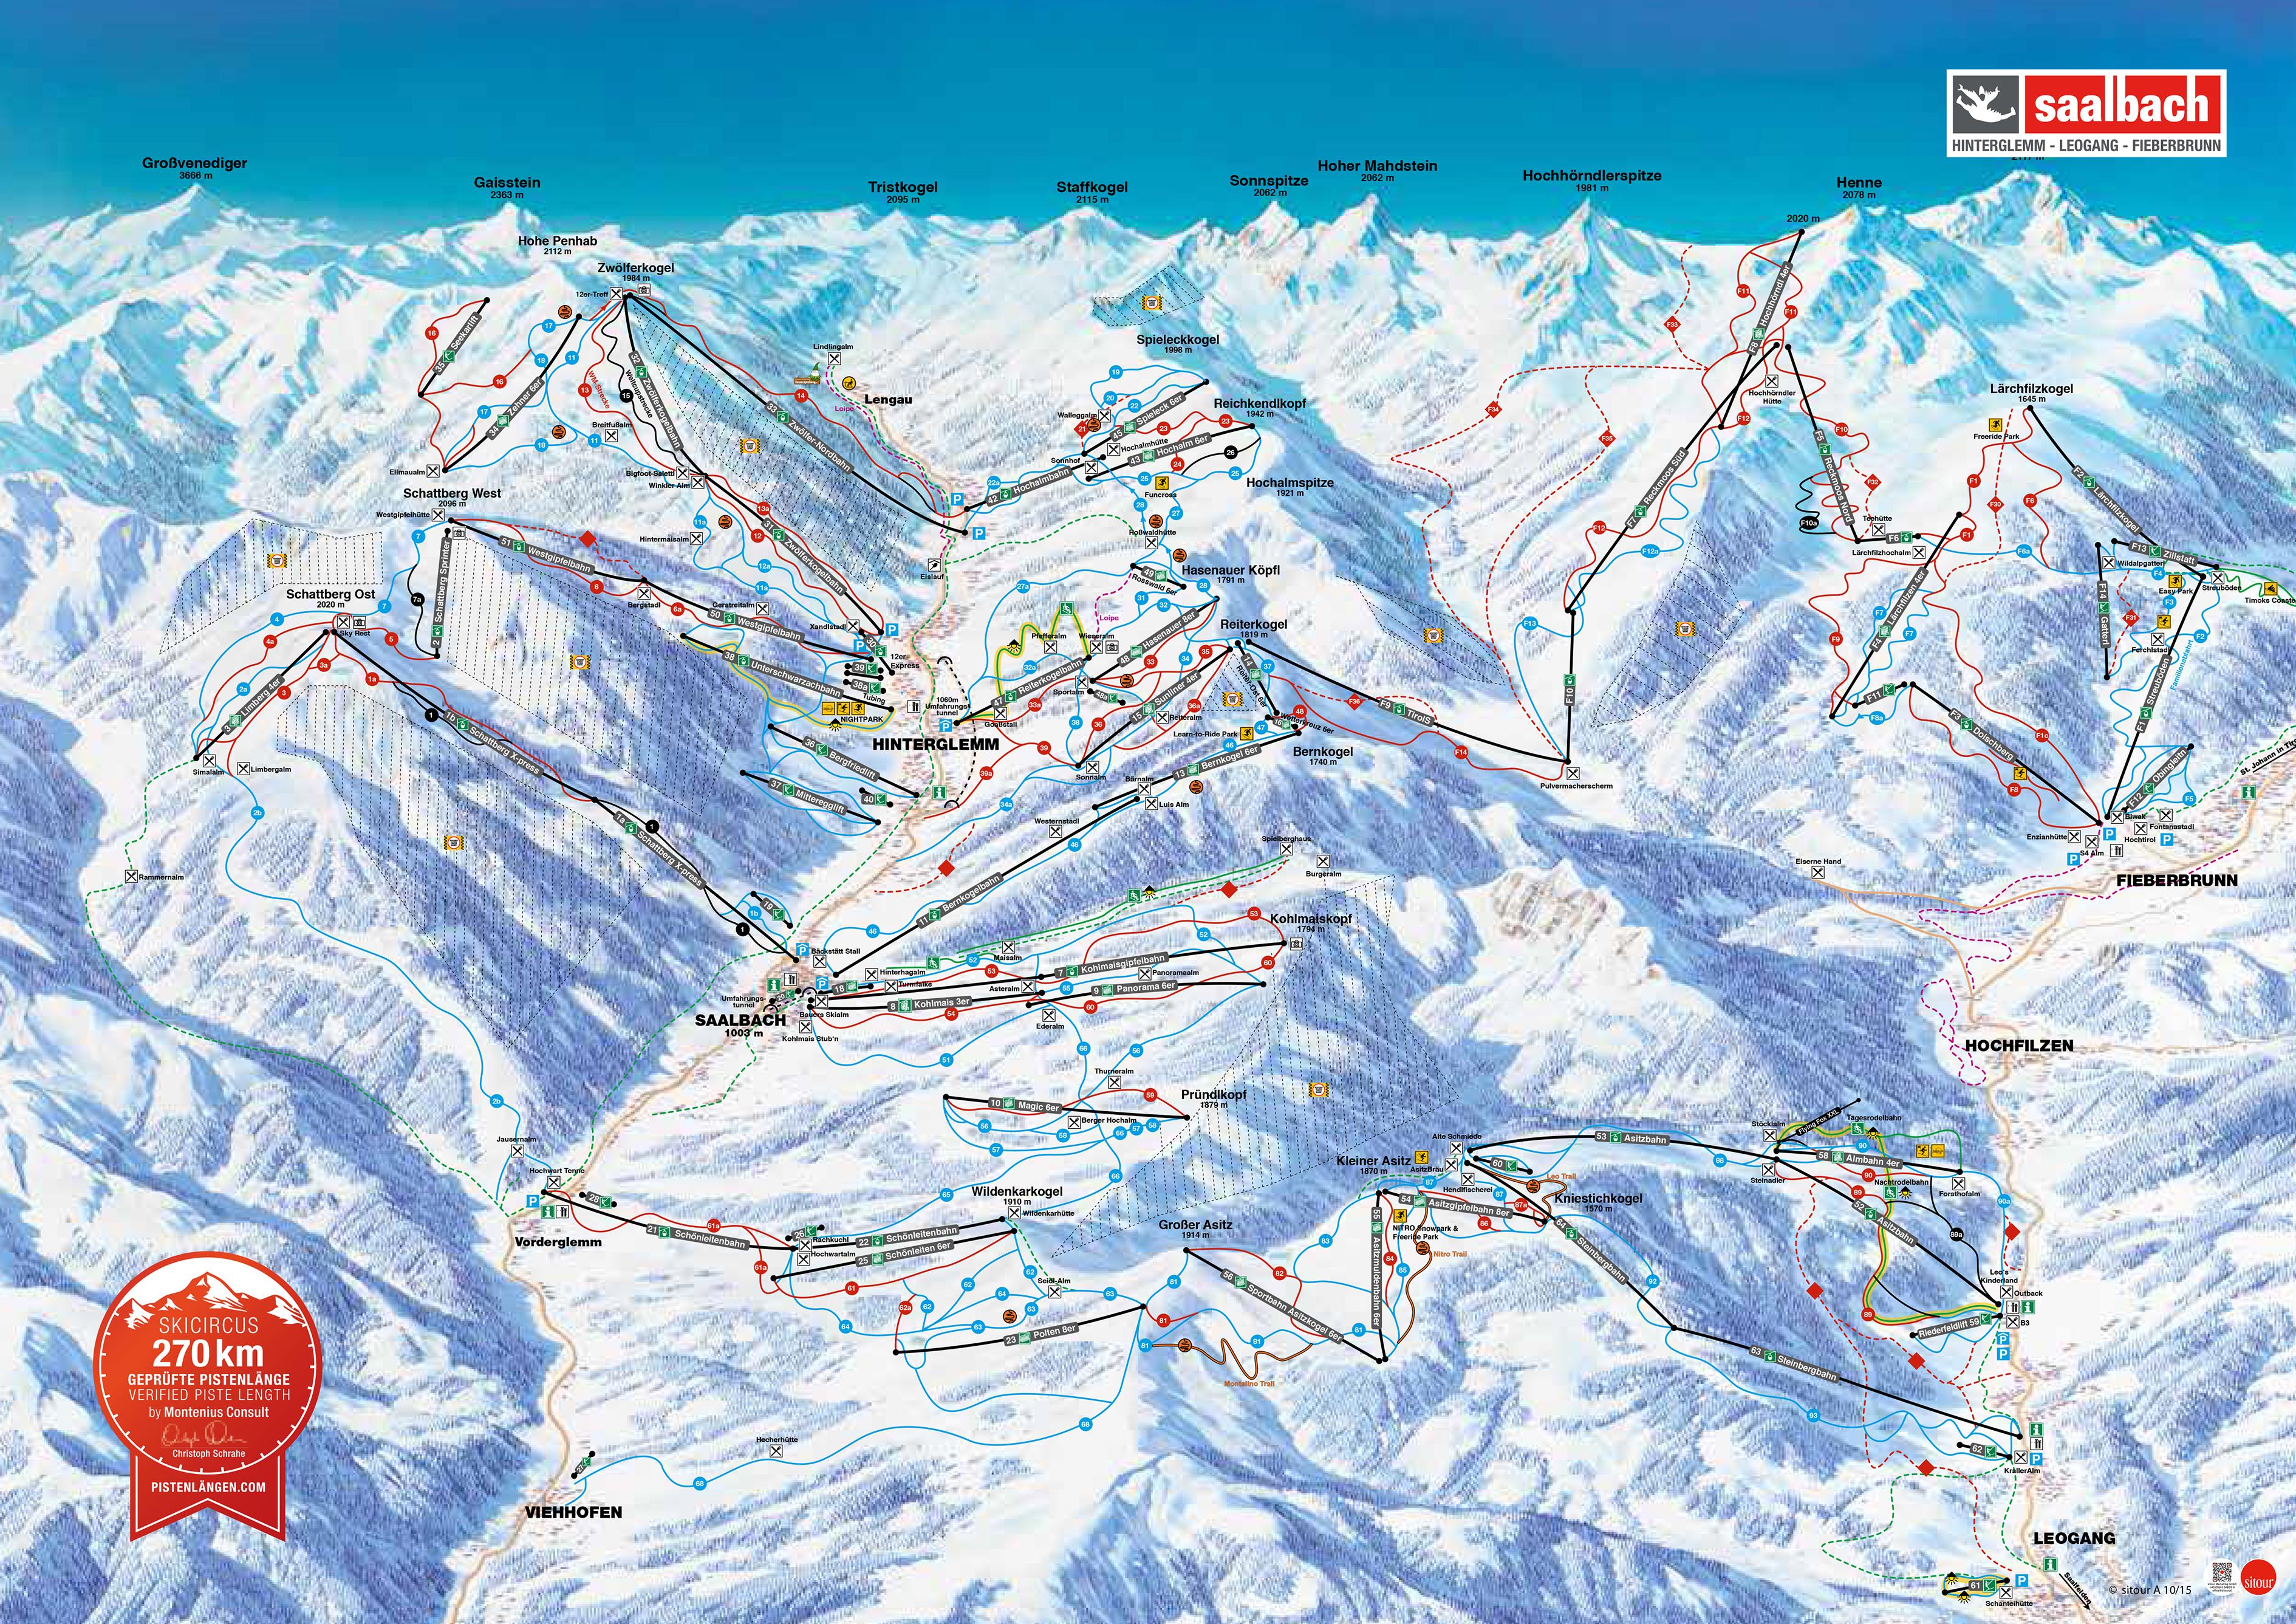 Skiwetter Saalbach